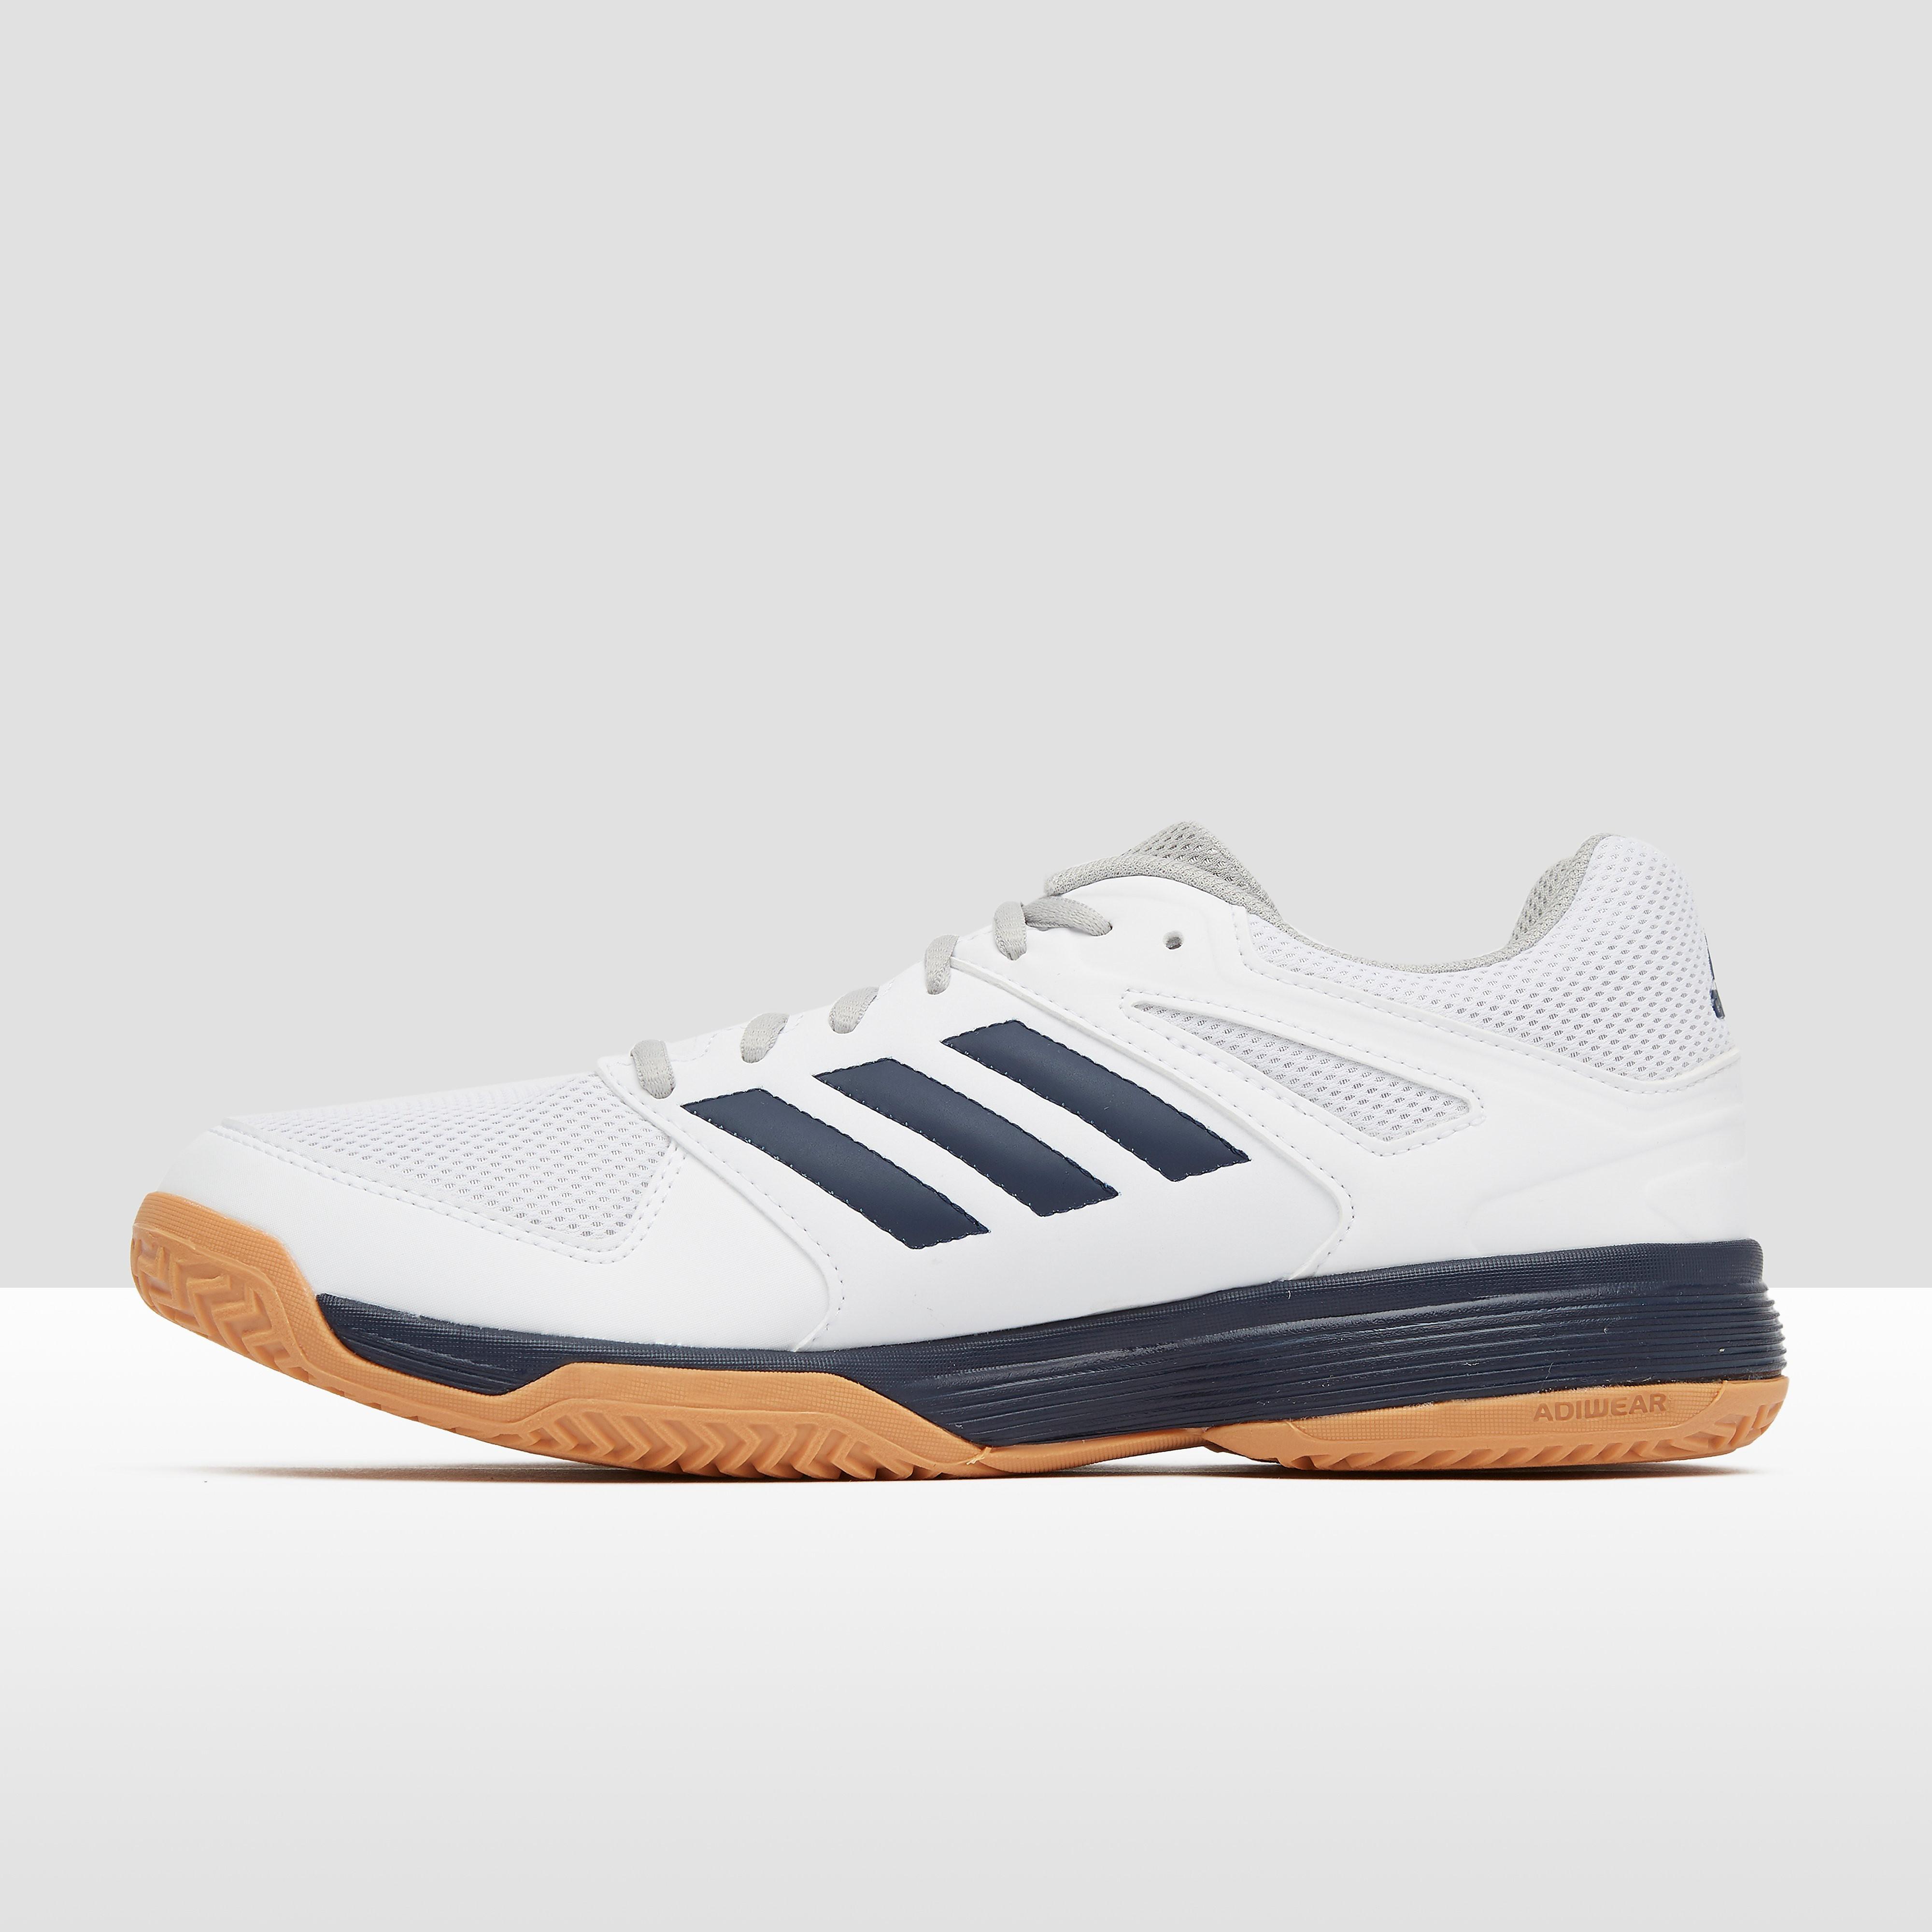 Adidas speedcolumbiart indoorschoenen wit/zwart heren